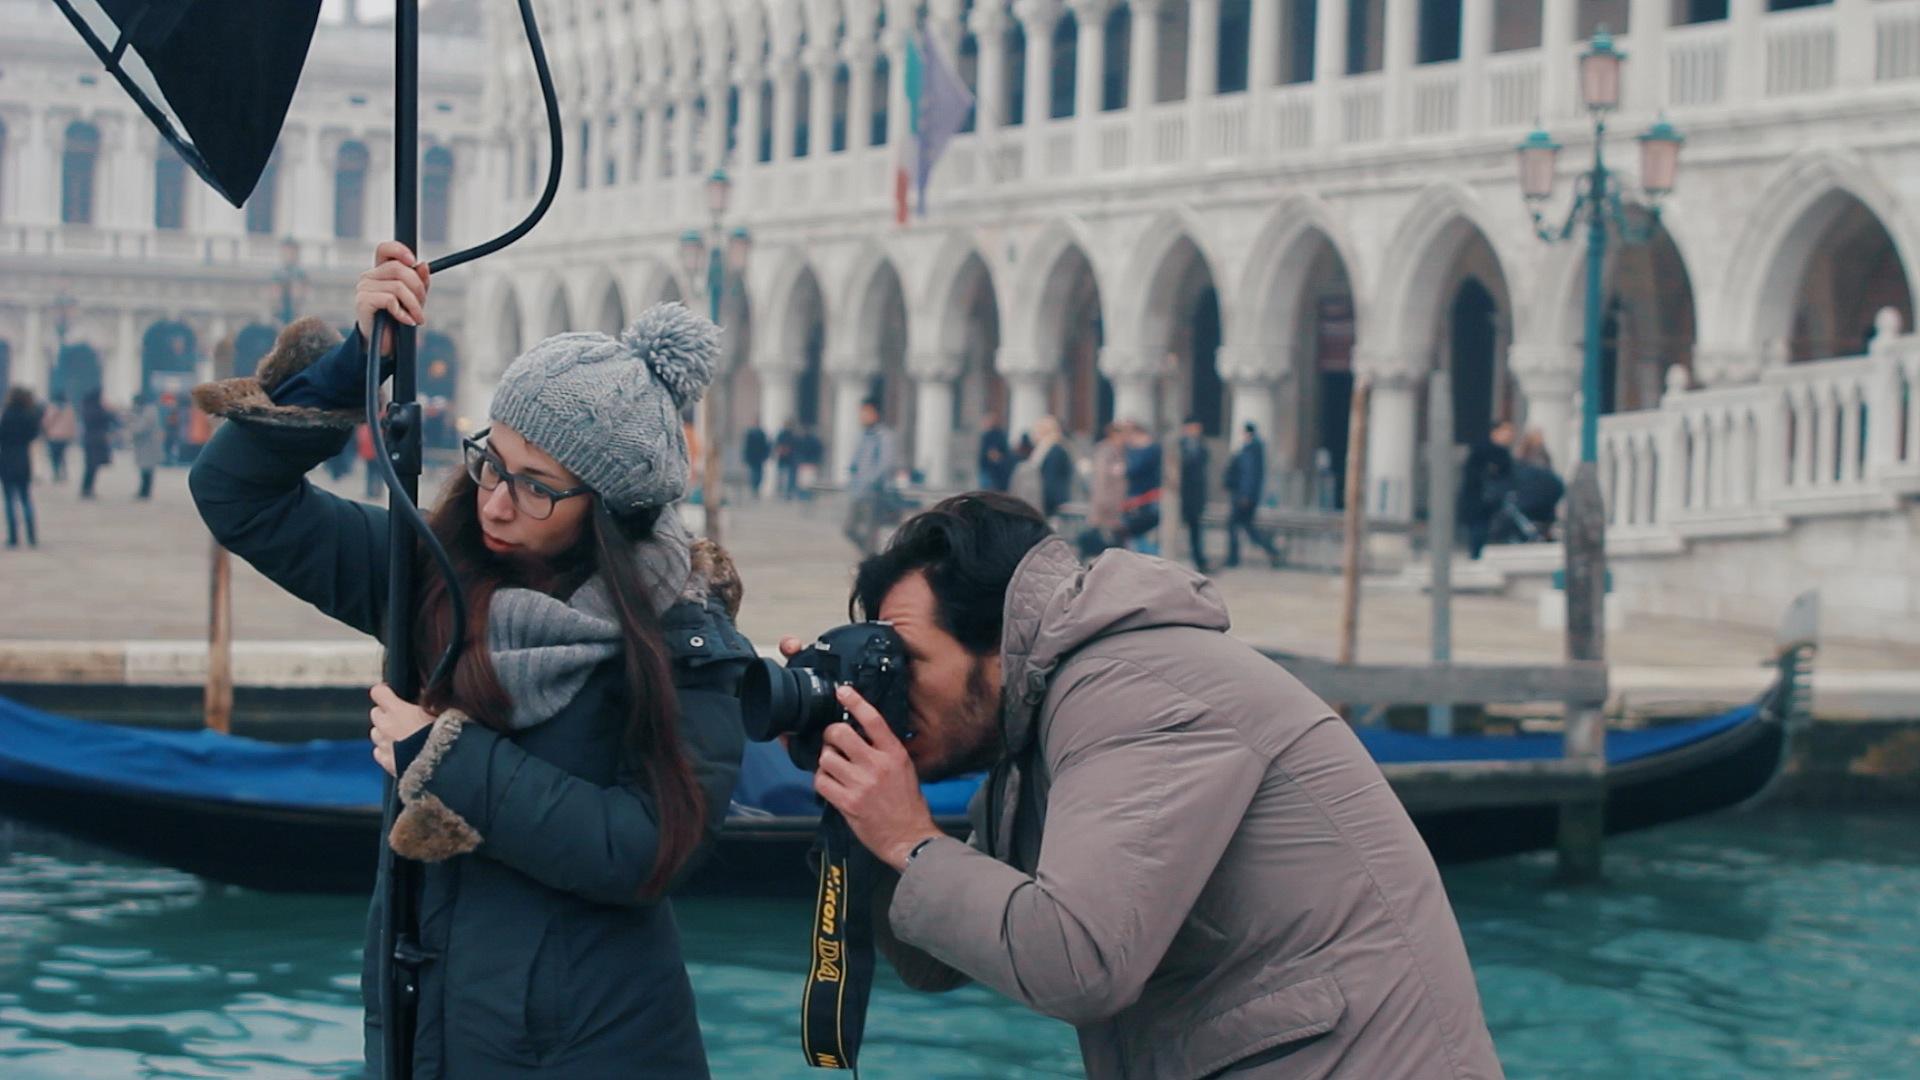 foto bts venezia 11